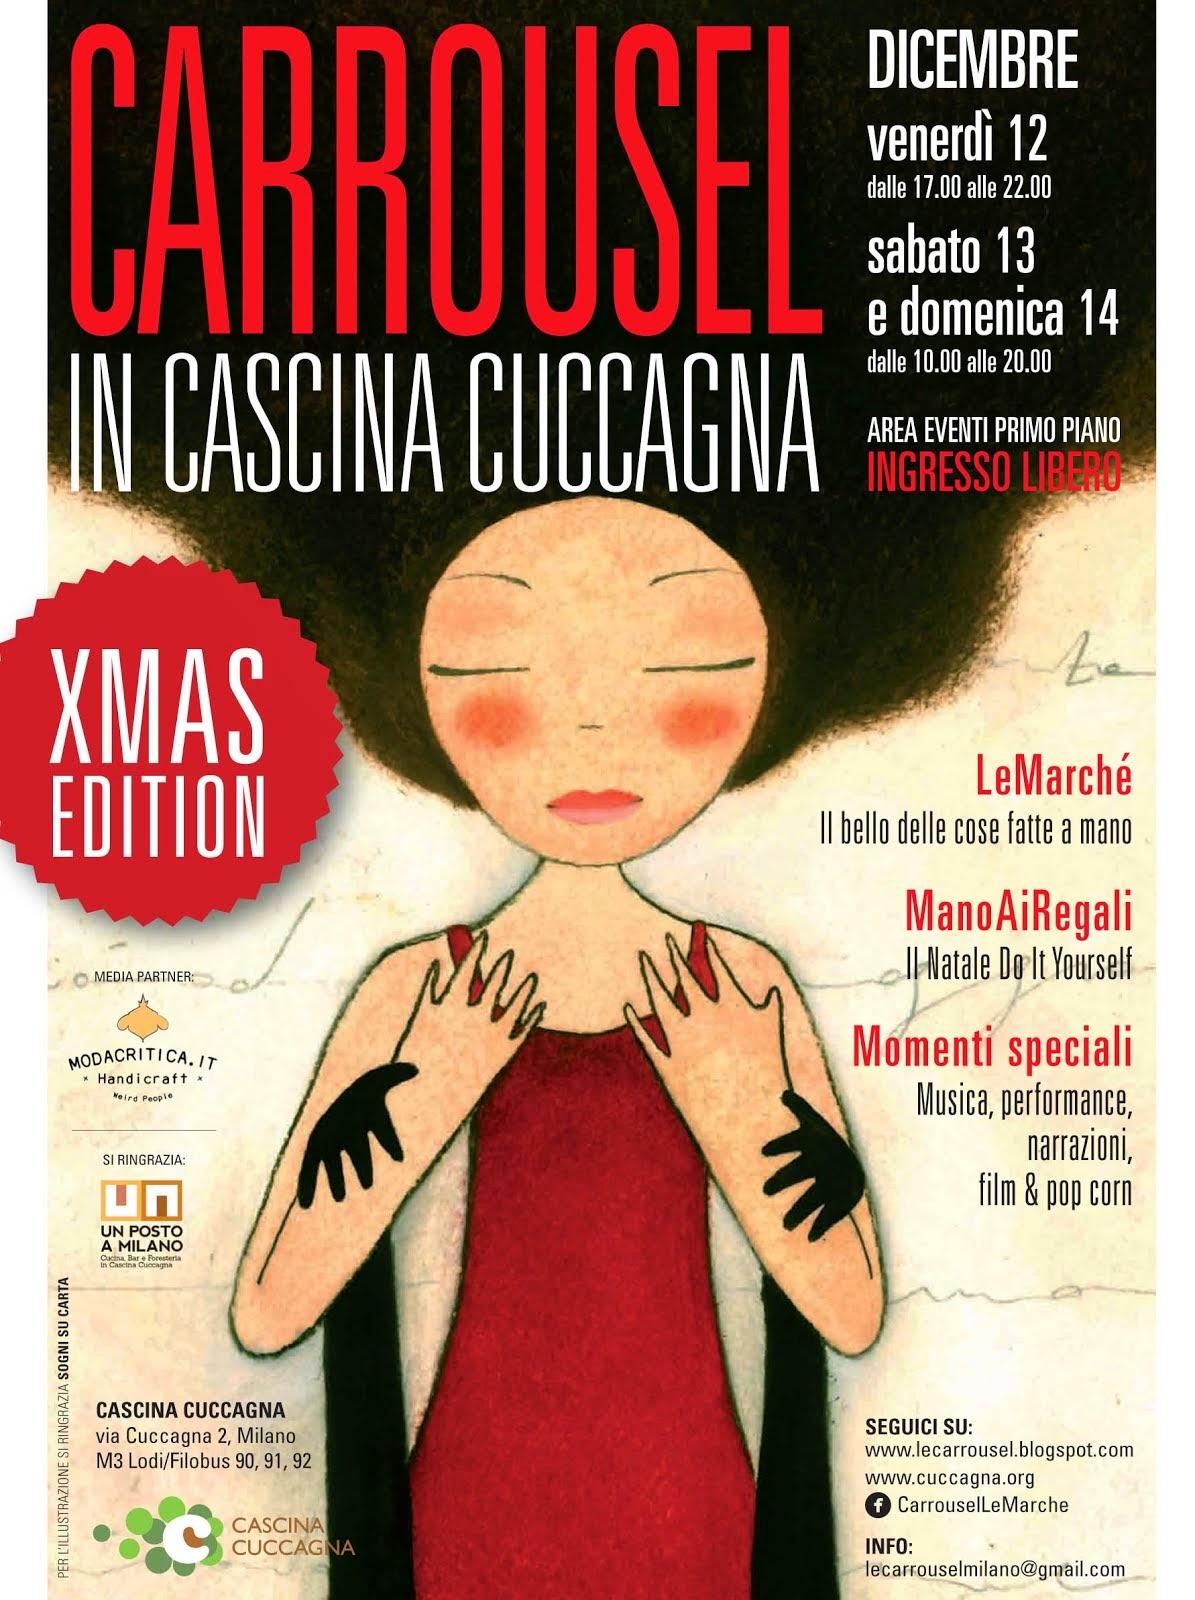 Carrosuel speciel Xmas Edition